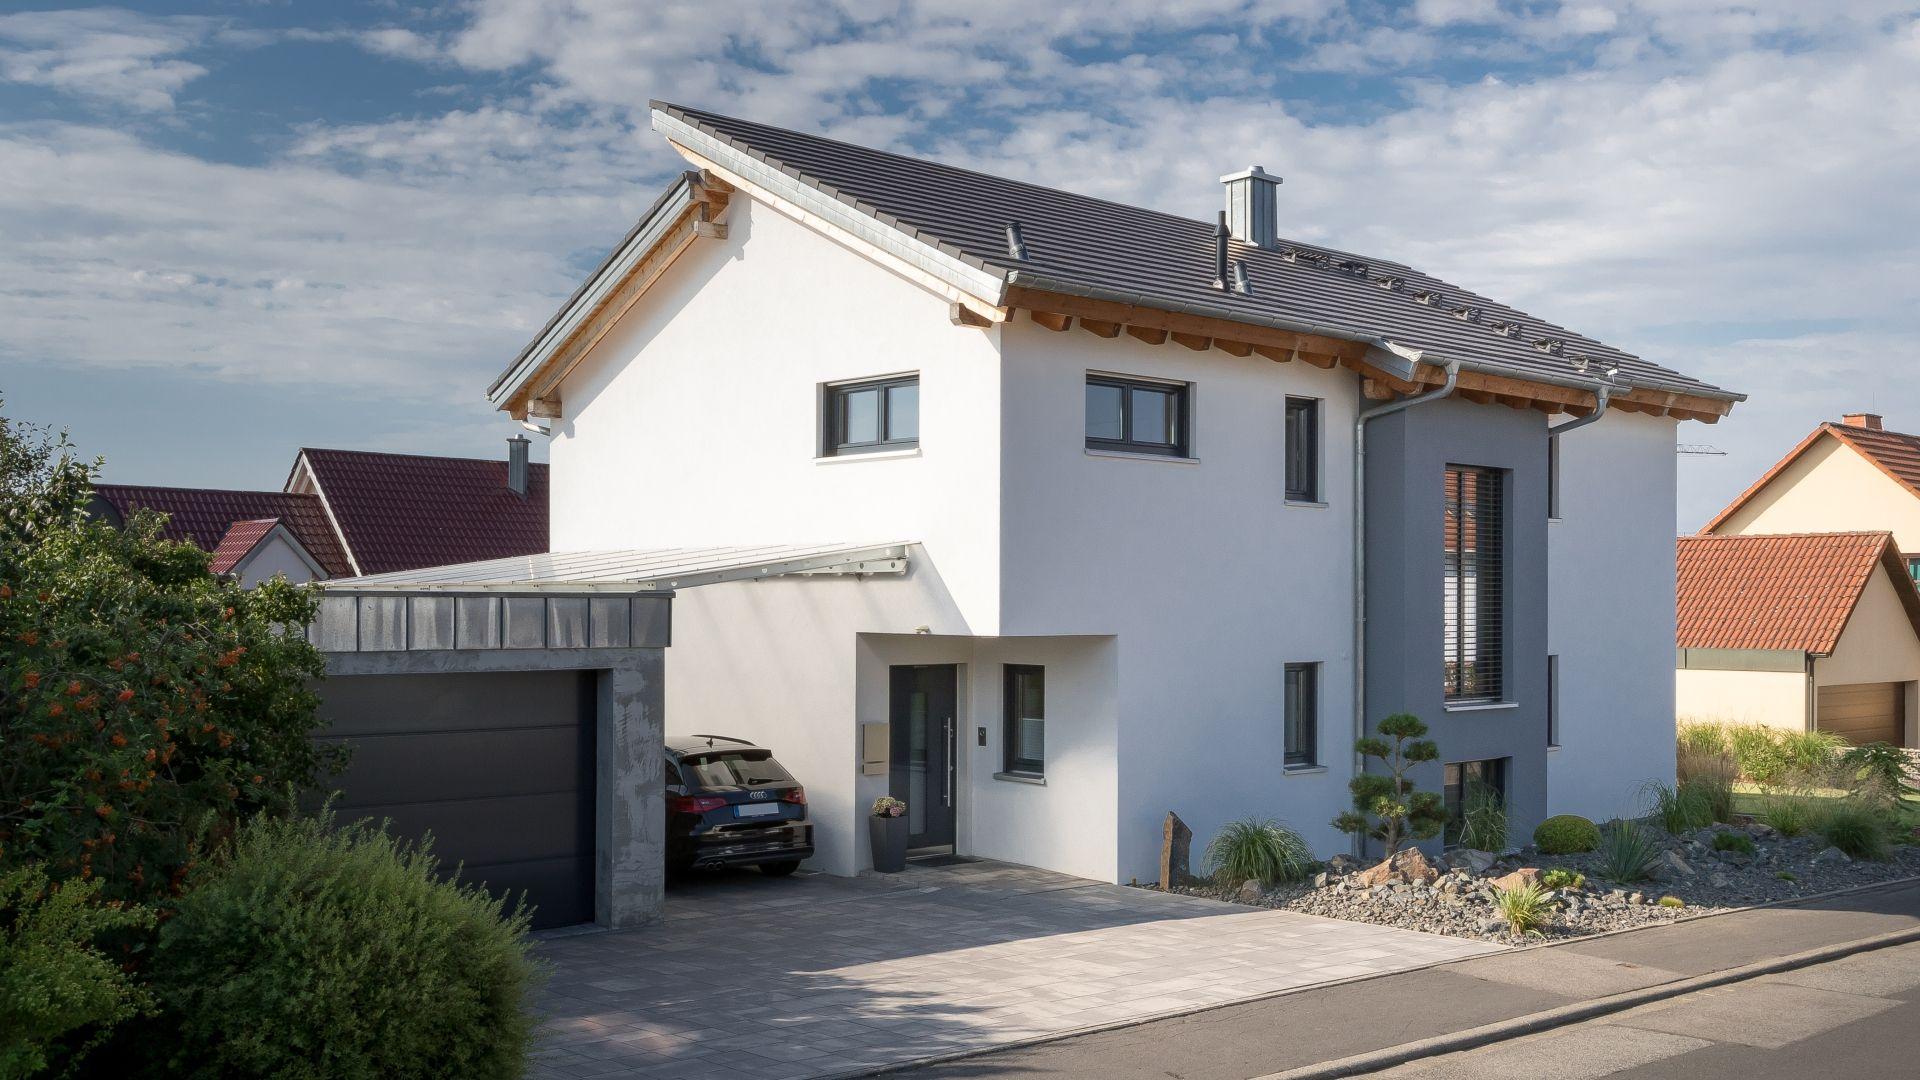 Großzügiges Einfamilienhaus für die junge Familie Style